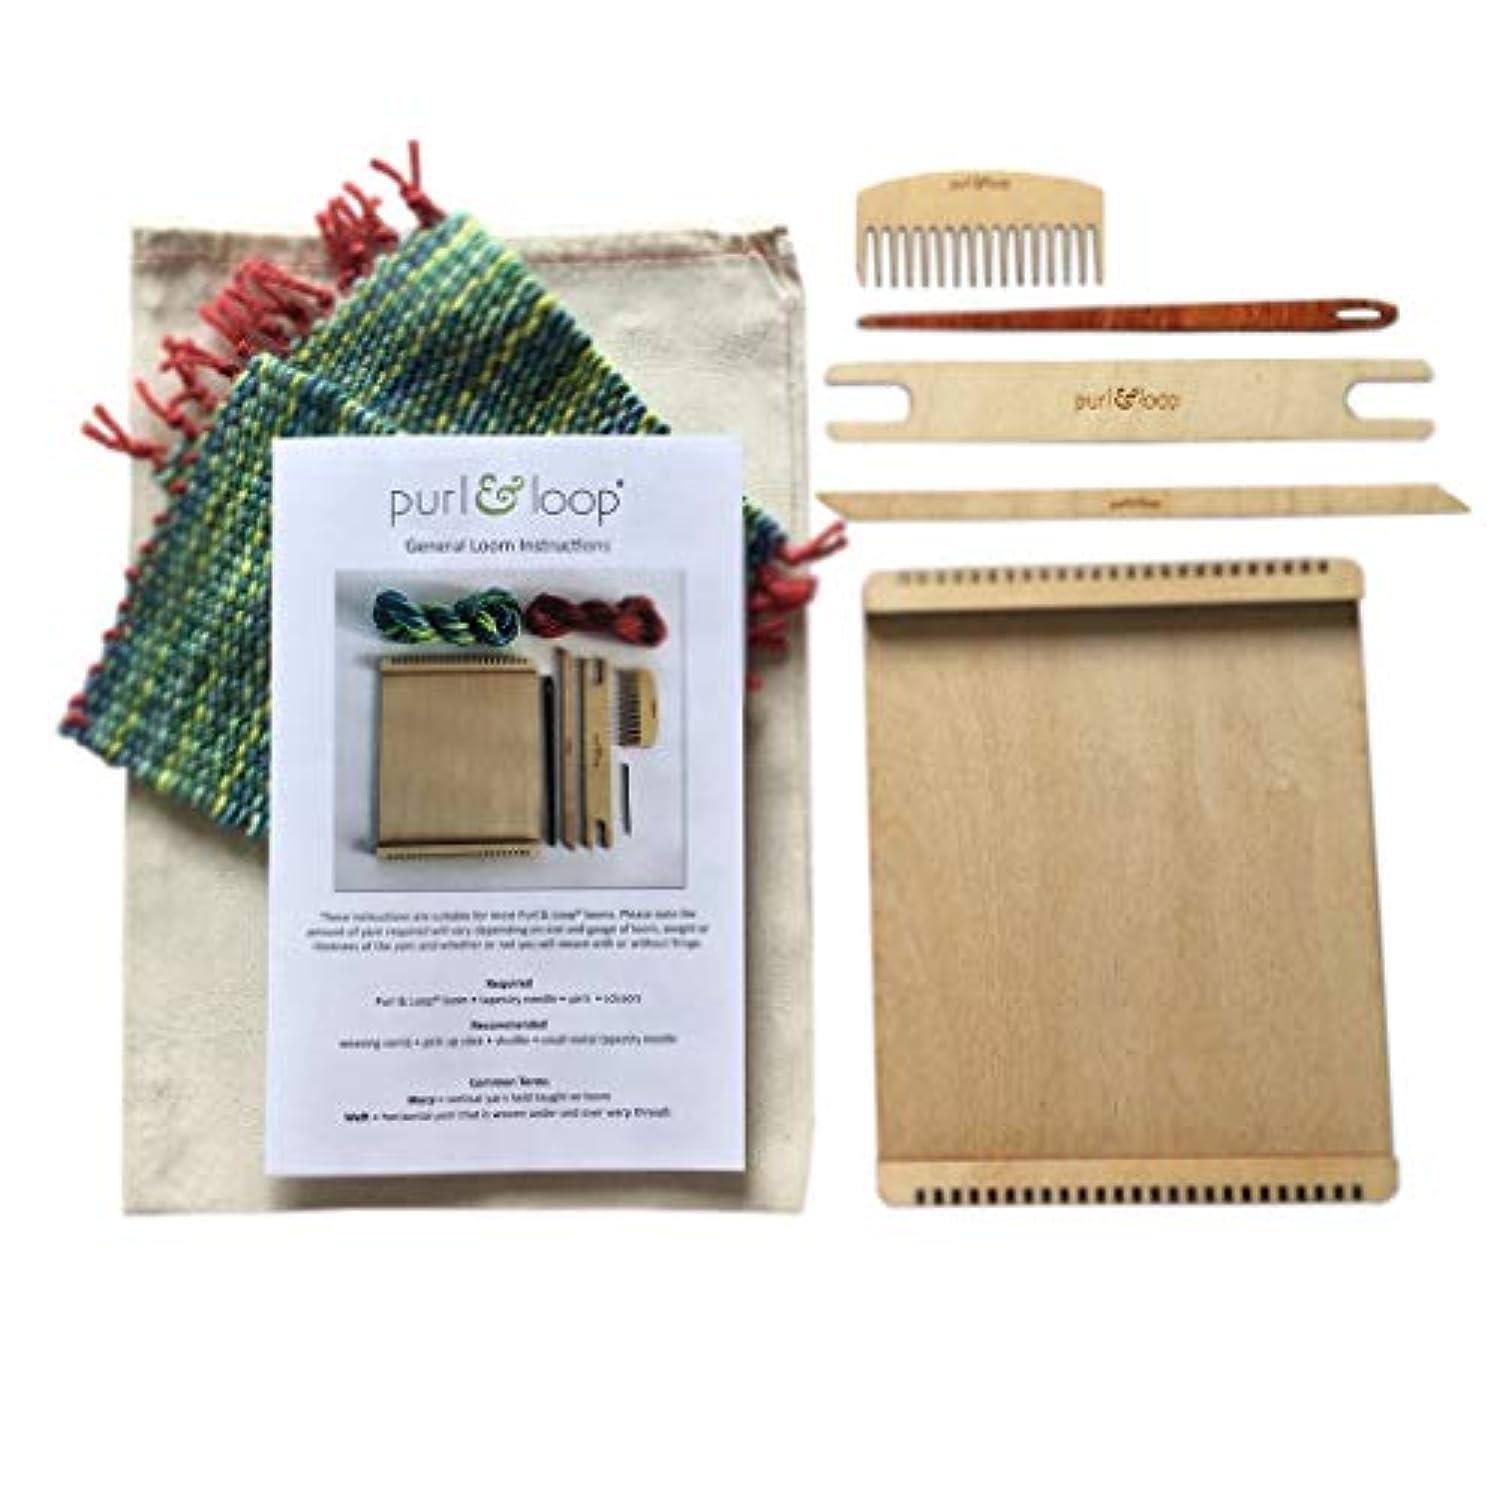 Purl & Loop Birch Stash Blaster Weaving Loom (SB 5.0 + Accessories)